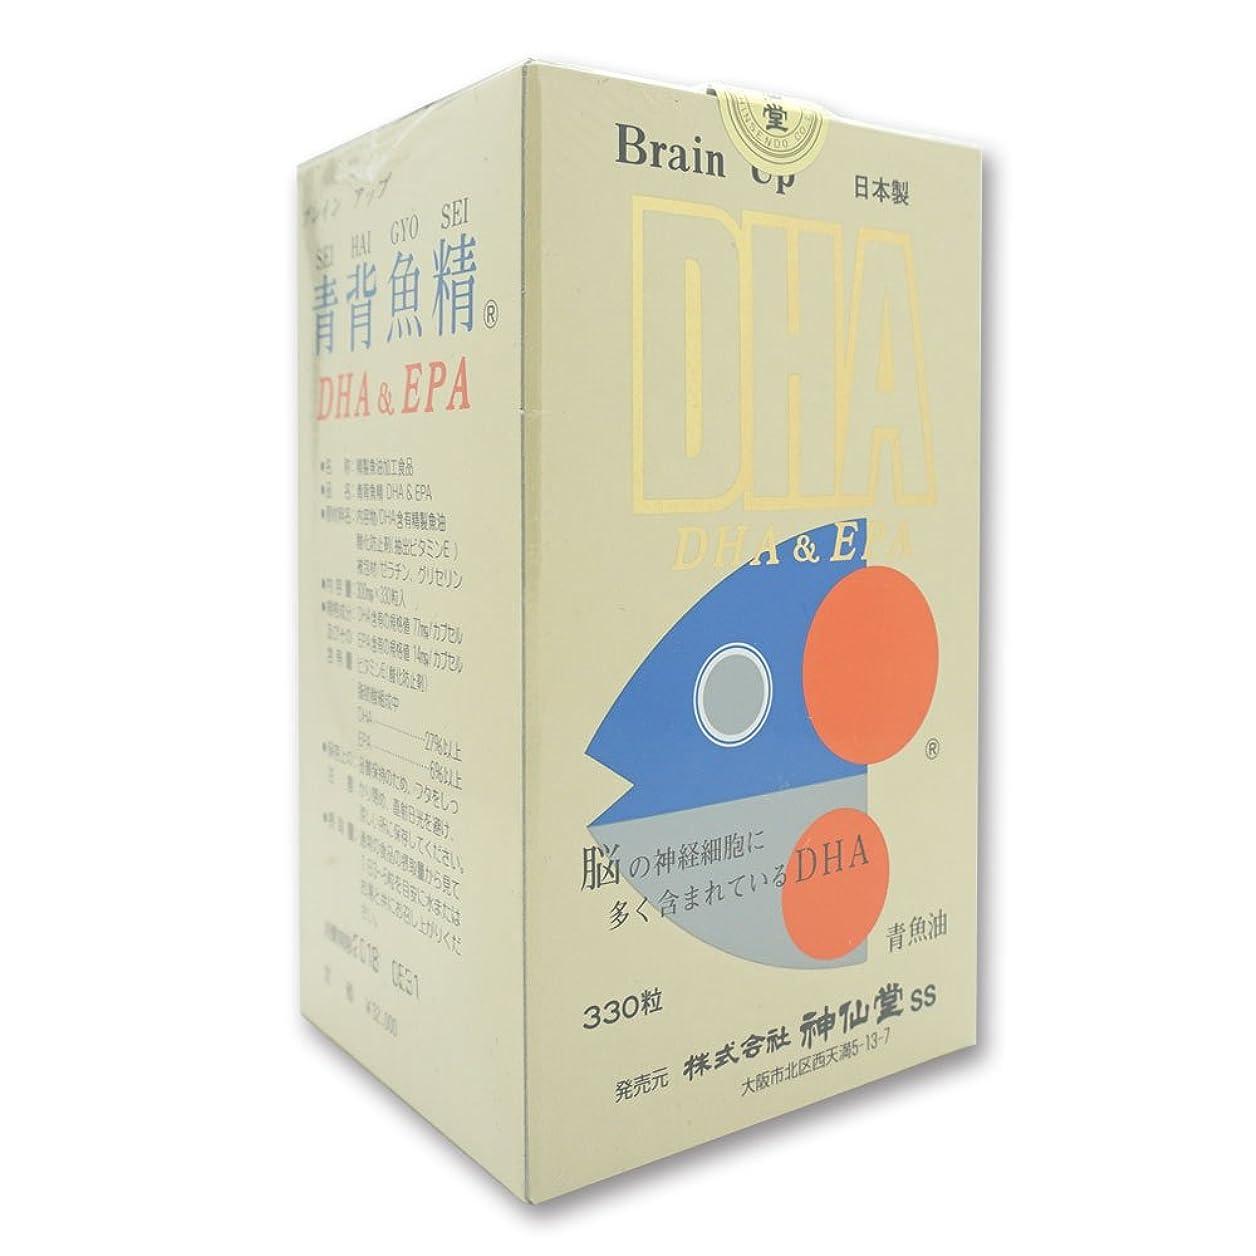 差別するコーンウォール肉神仙堂 青背魚精 DHA&EPA 330粒 精製魚油加工食品